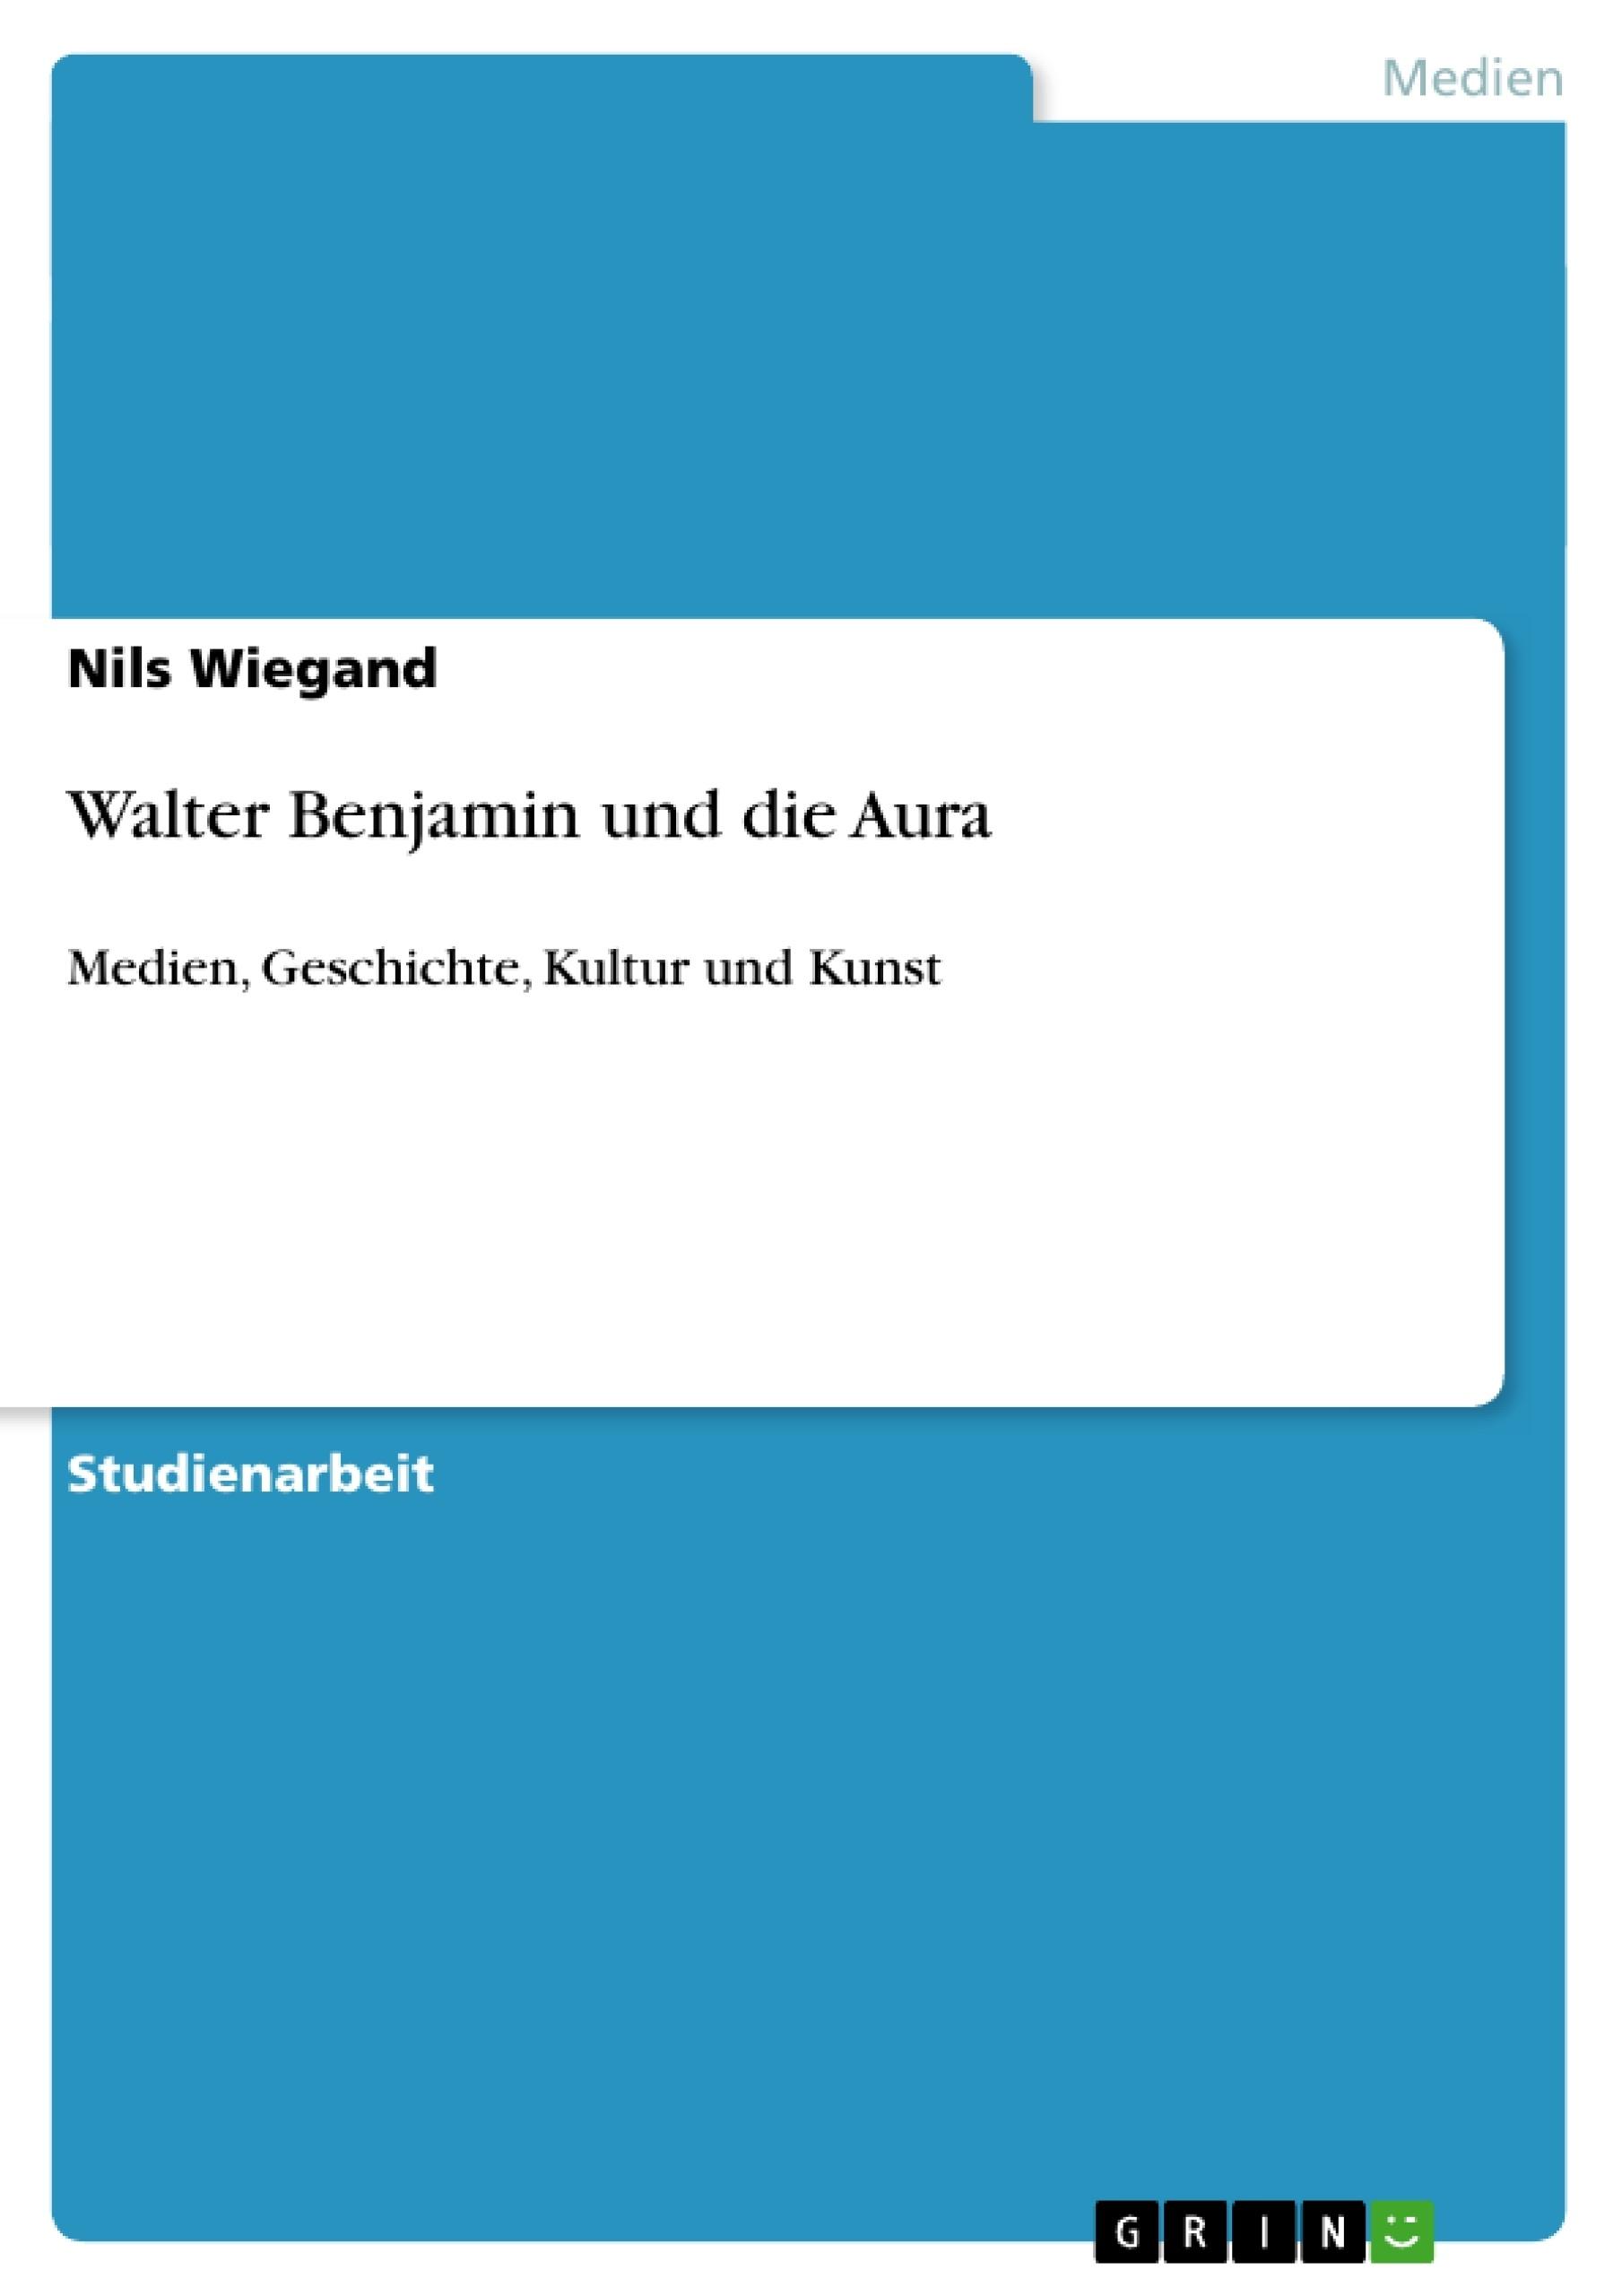 Titel: Walter Benjamin und die Aura